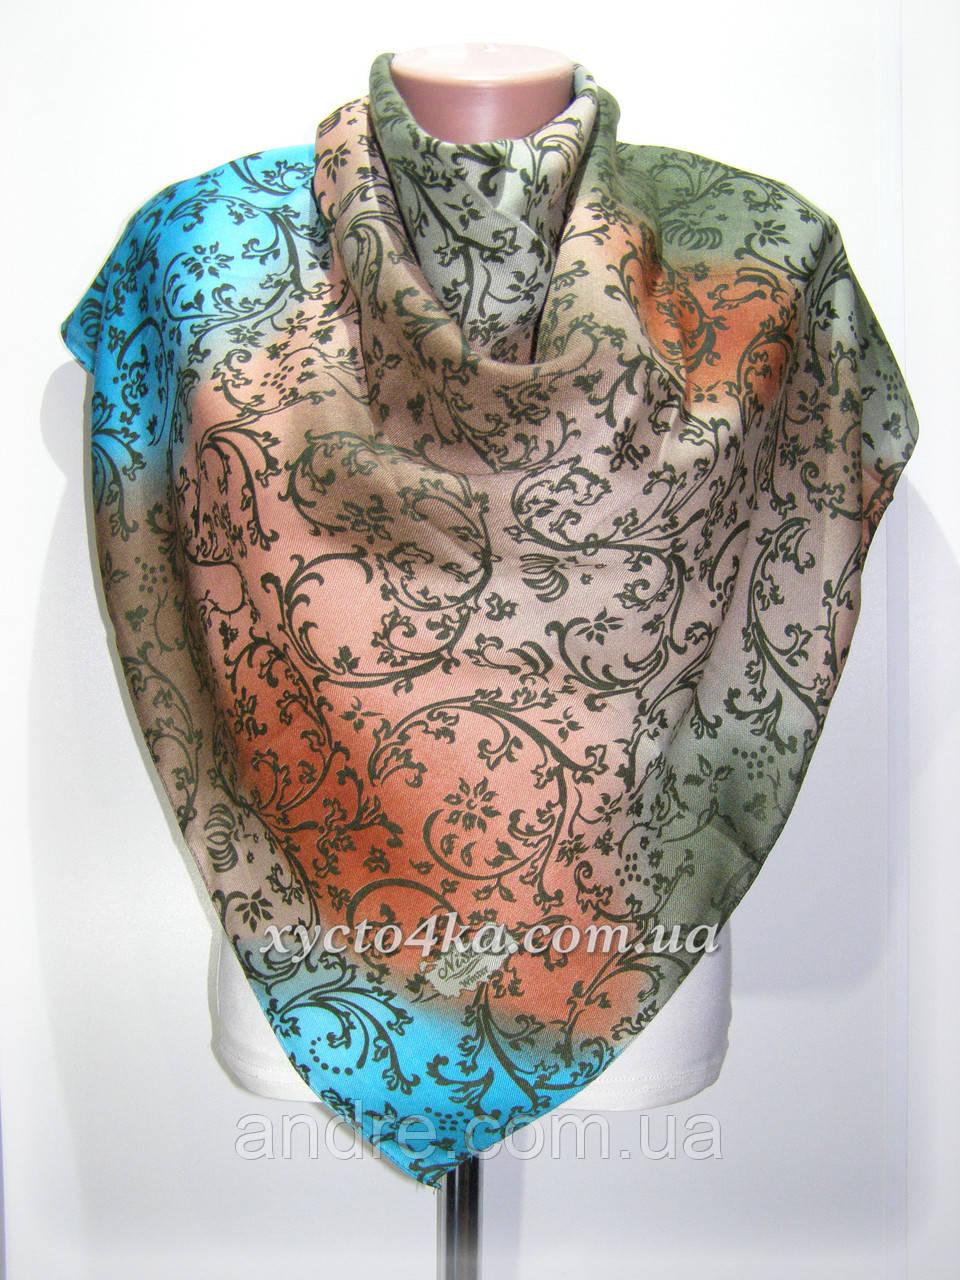 Кашемировый платок винтаж, капучино